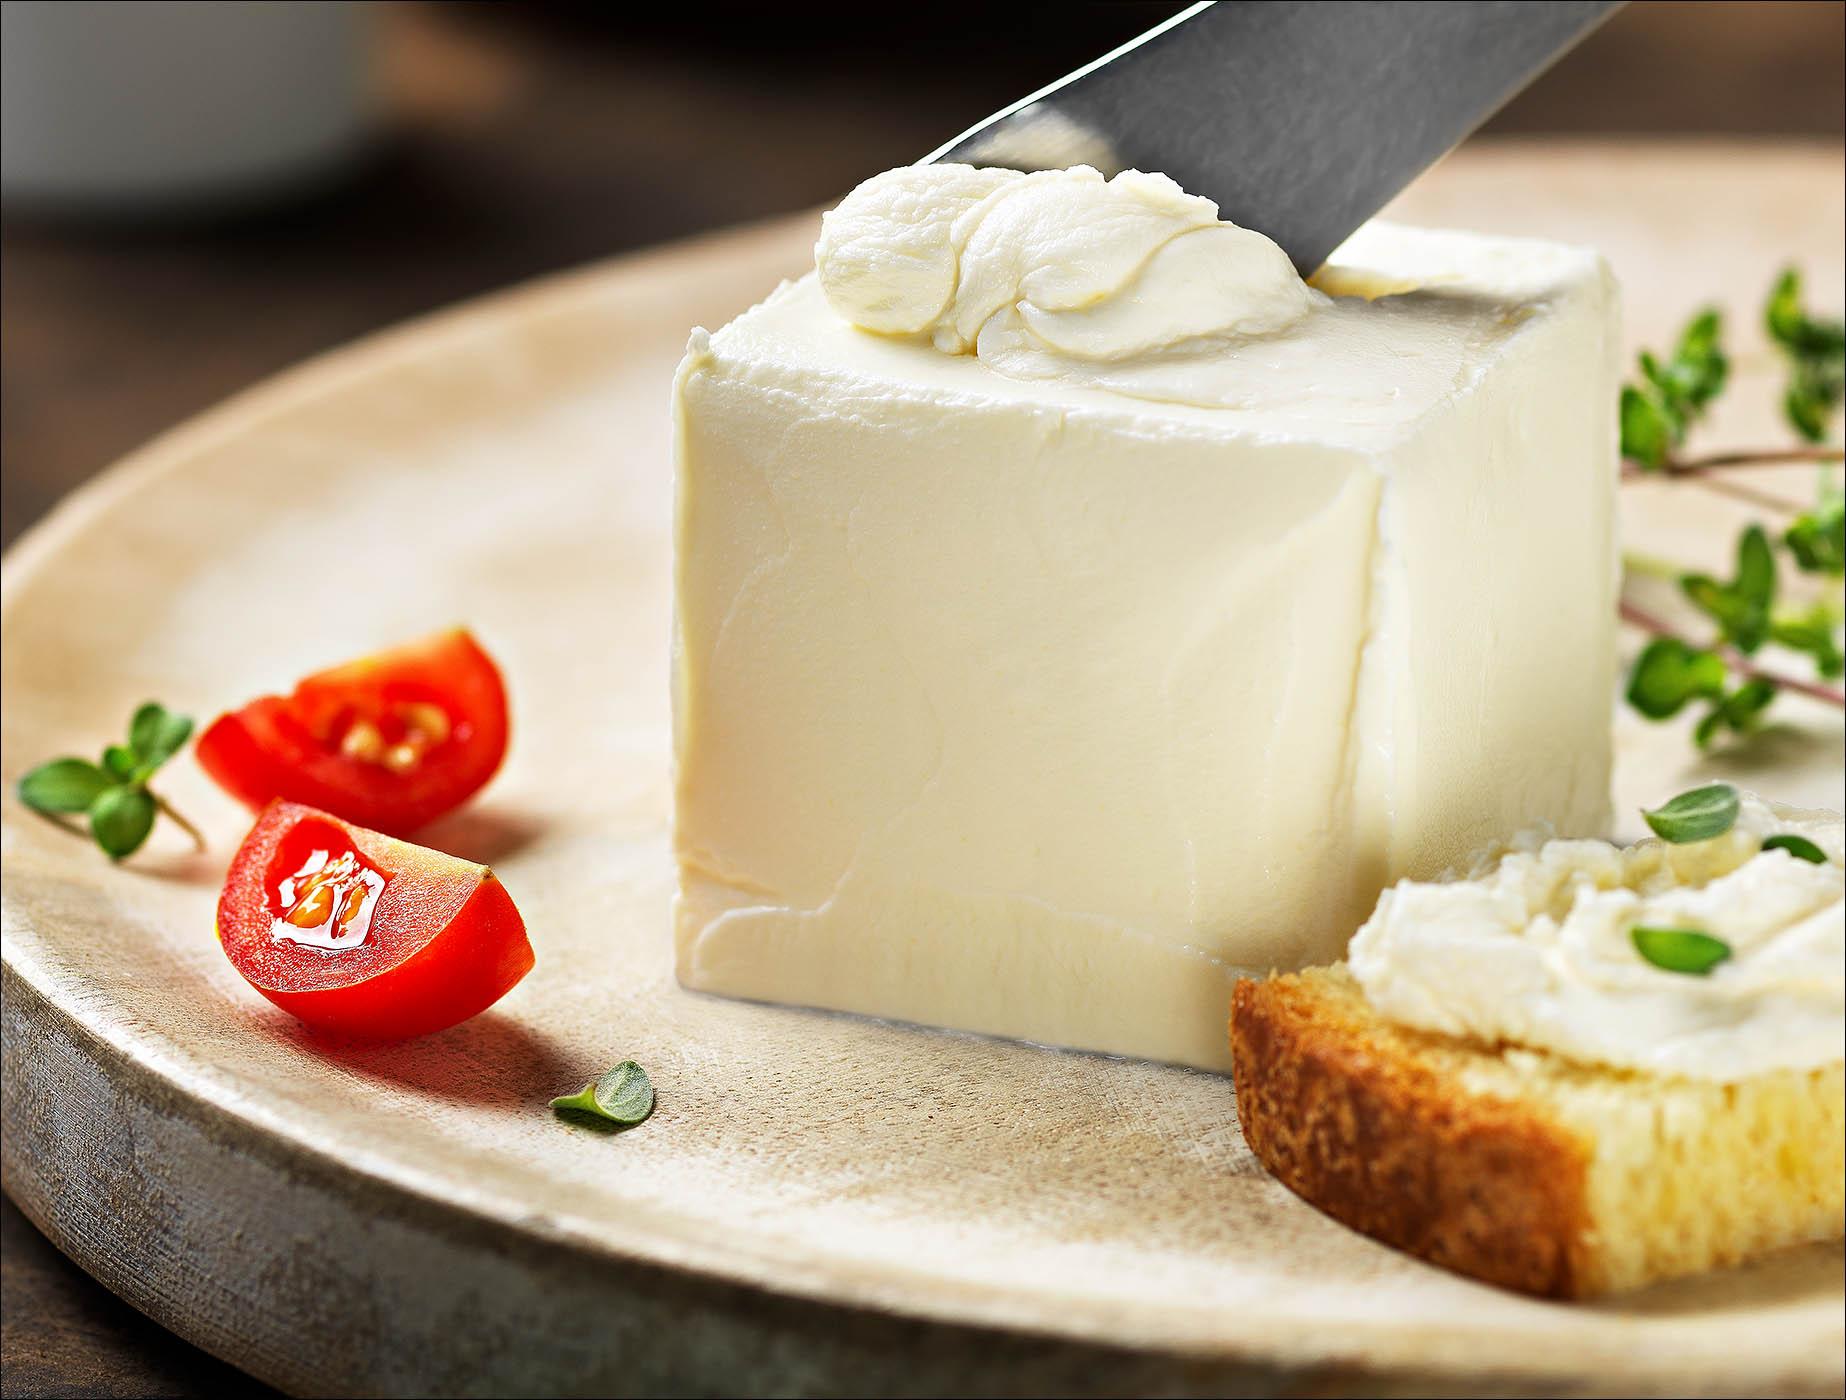 Andrea Sudati fotografo food formaggio spalmabile | Andrea Sudati Photo Studio